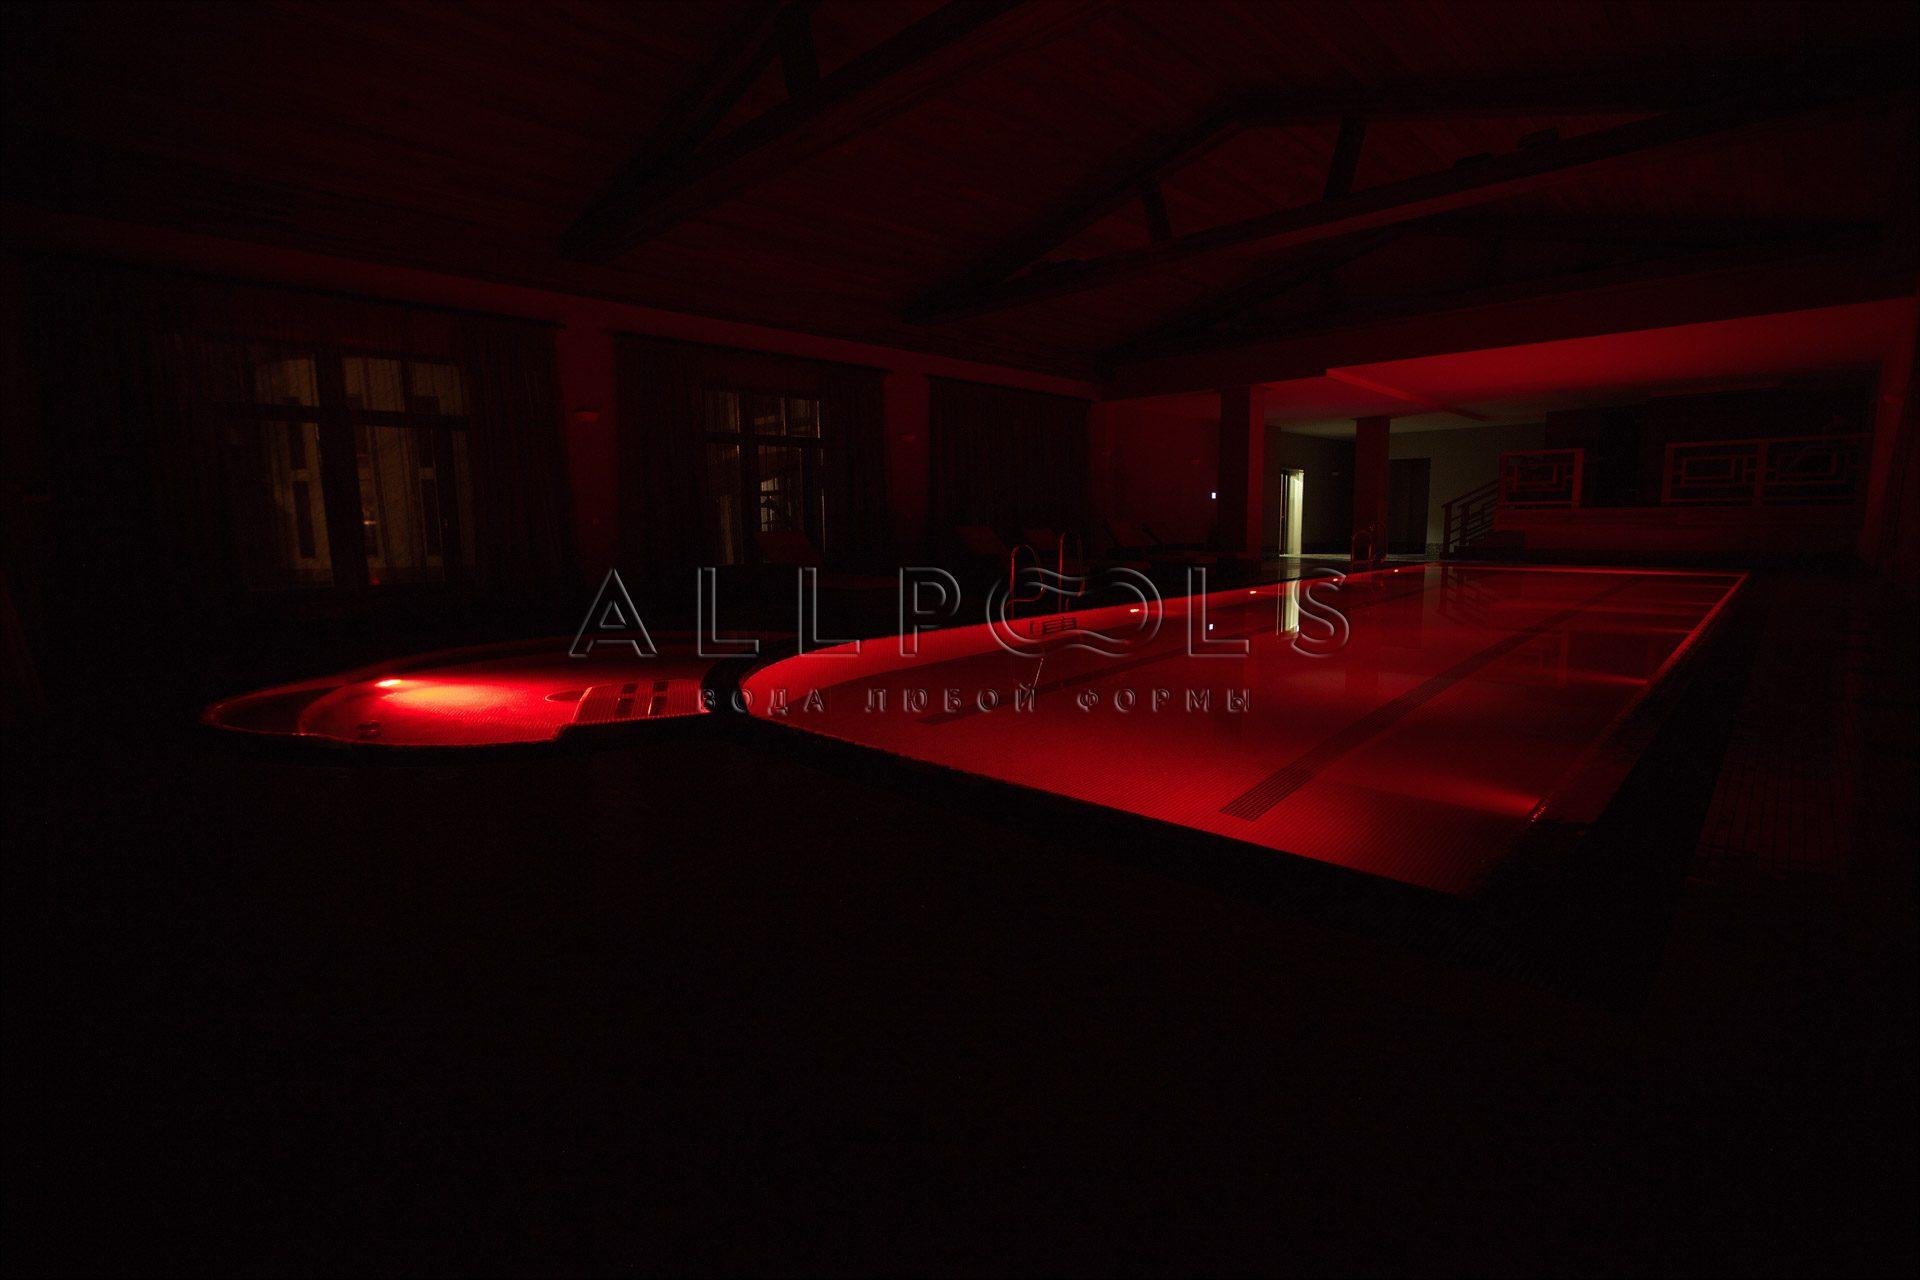 Разноцветное освещение в бассейне с джакузи. Красный цвет с выключенным светом (в темноте)